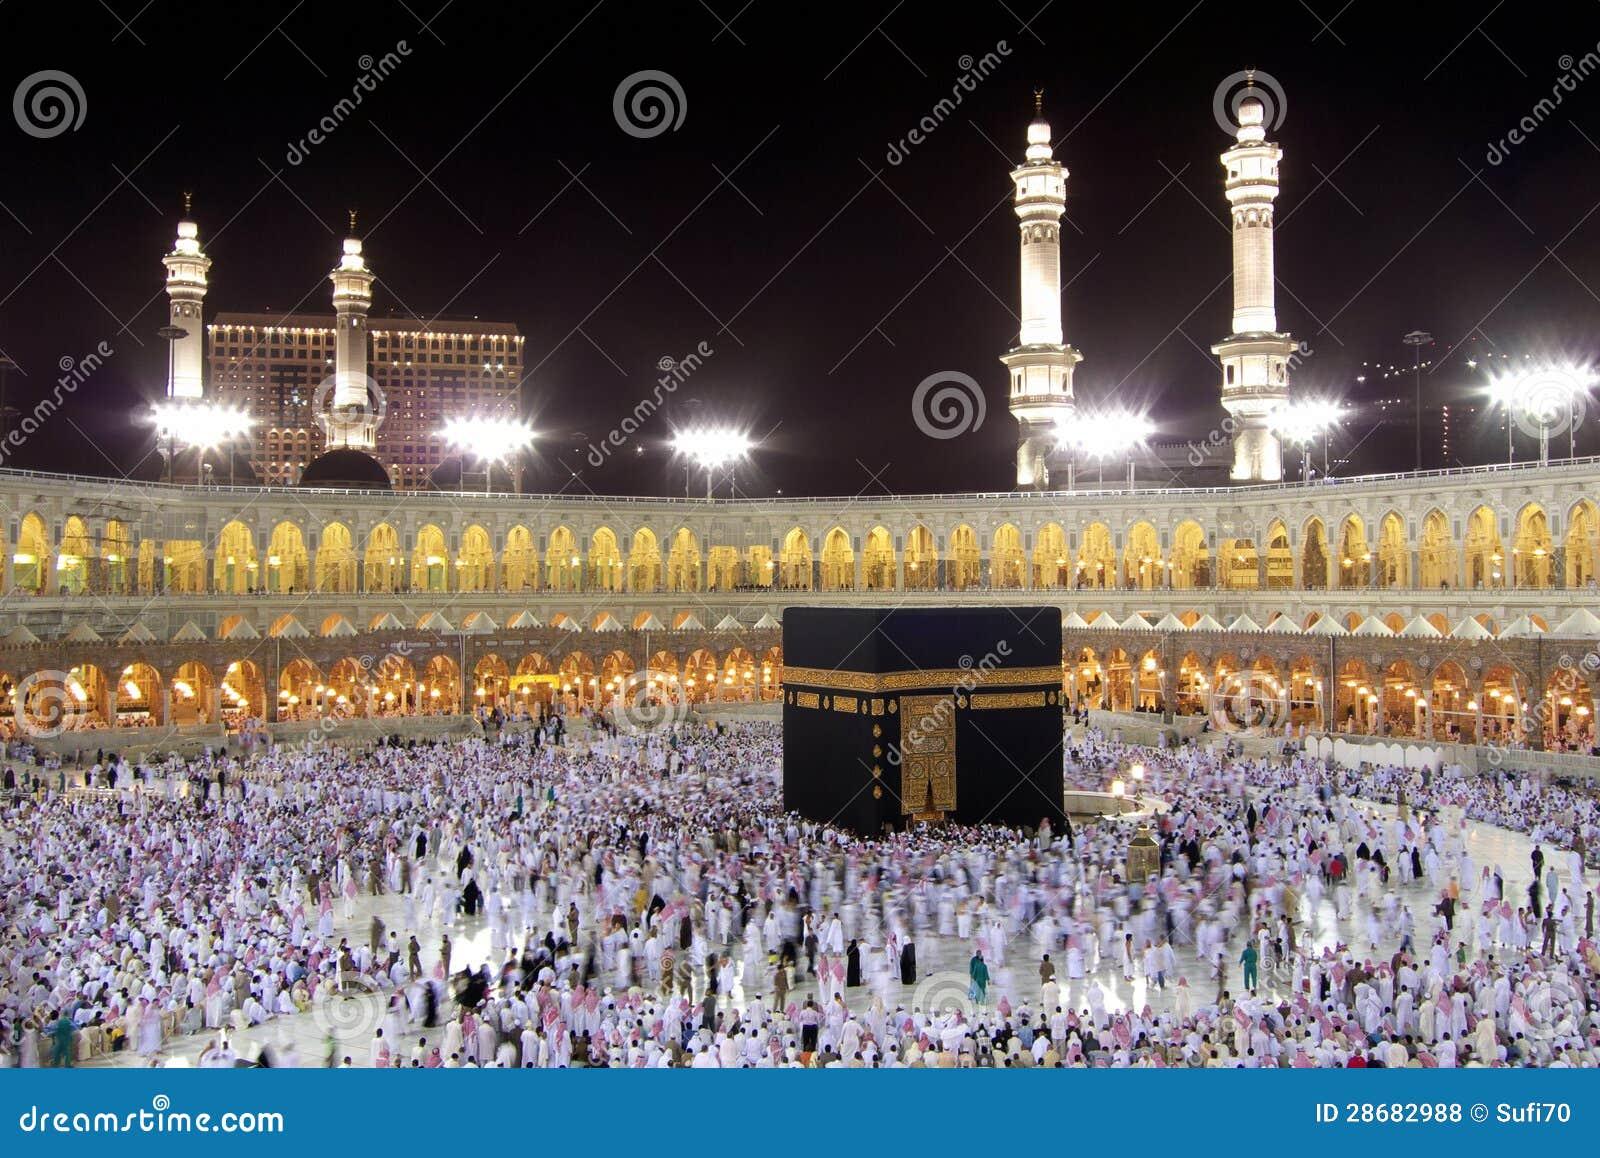 Kaaba In Mecca Stock Photo. Image Of Eastern, Saudi